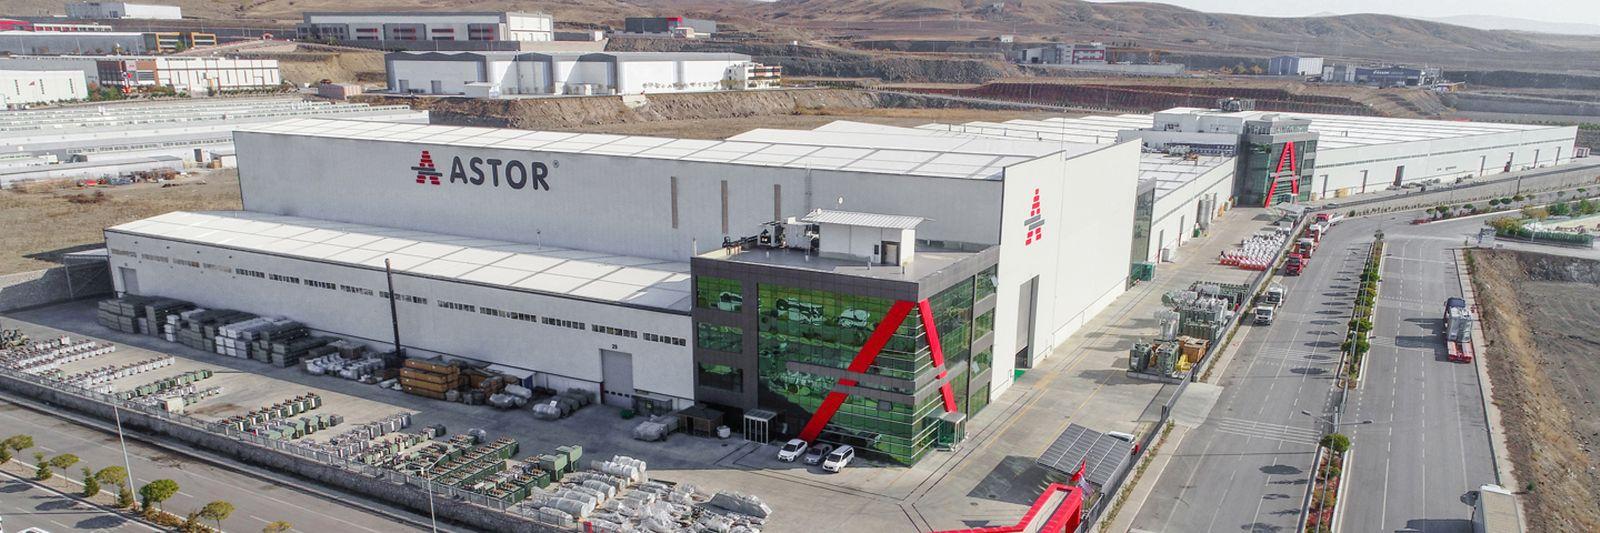 ASTOR Türkiye'nin 326. büyük sanayi kuruluşu ASTOR